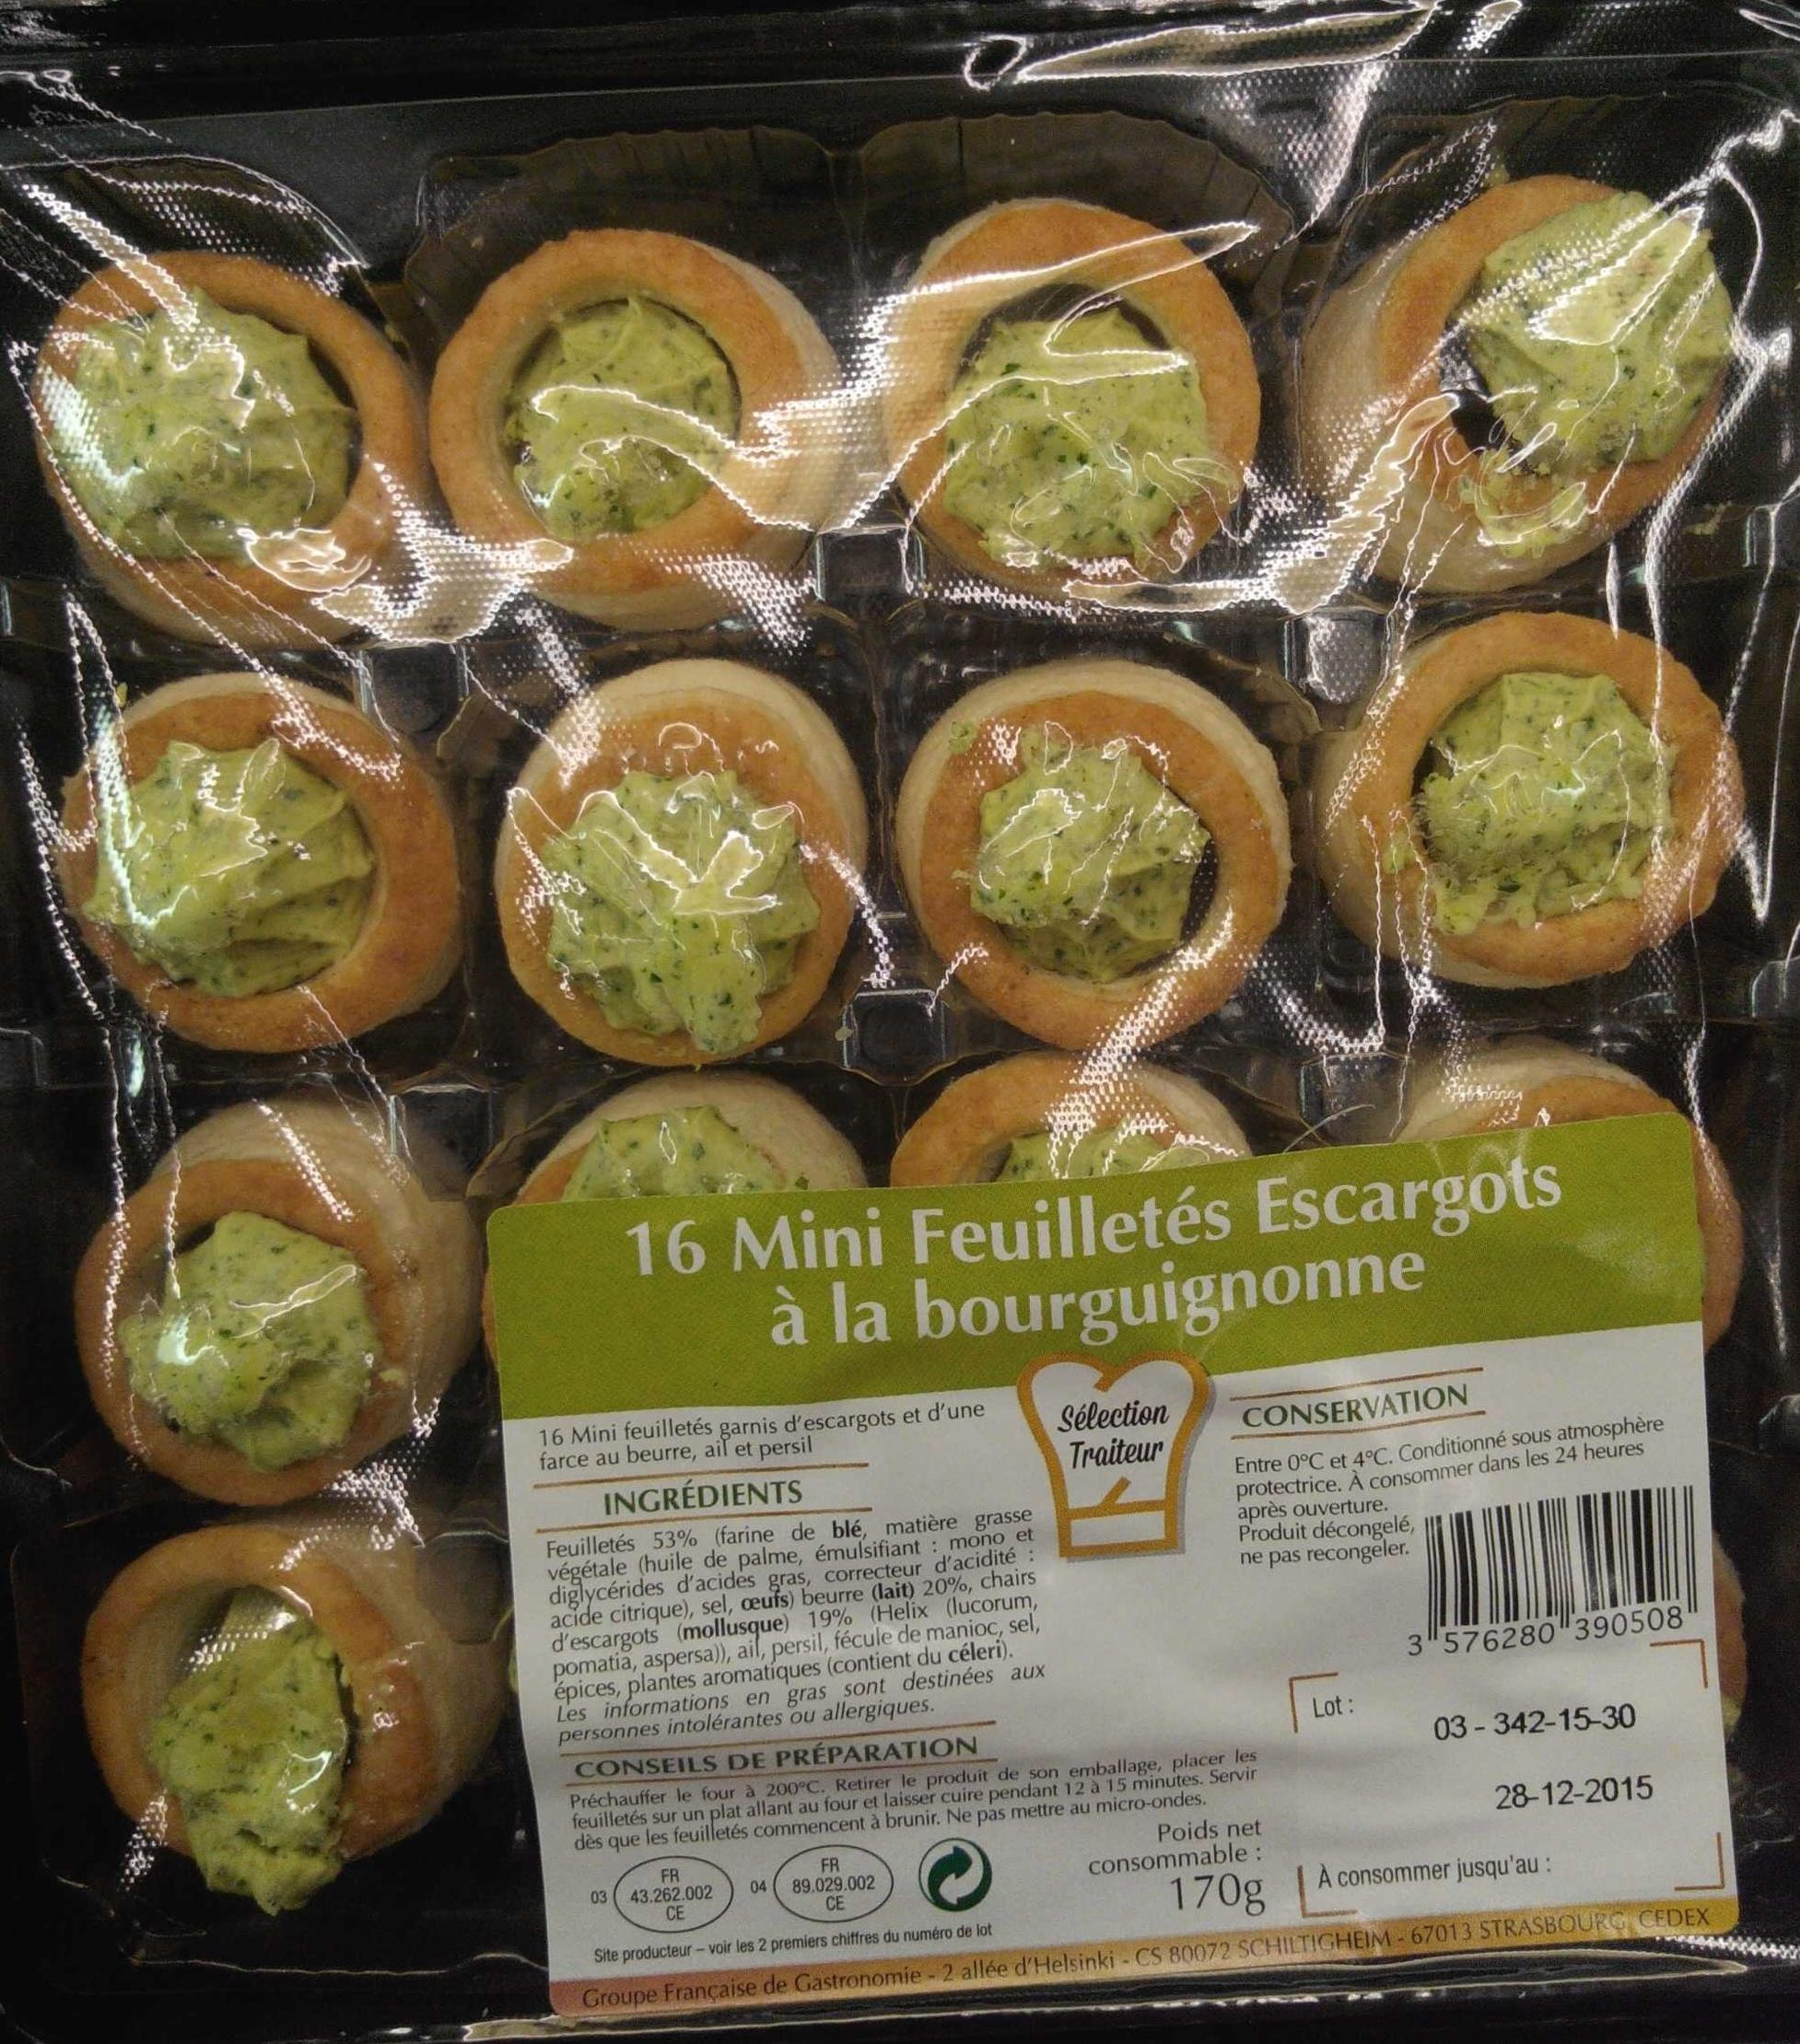 16 mini feuilletés escargots à la bourguignonne - Product - fr